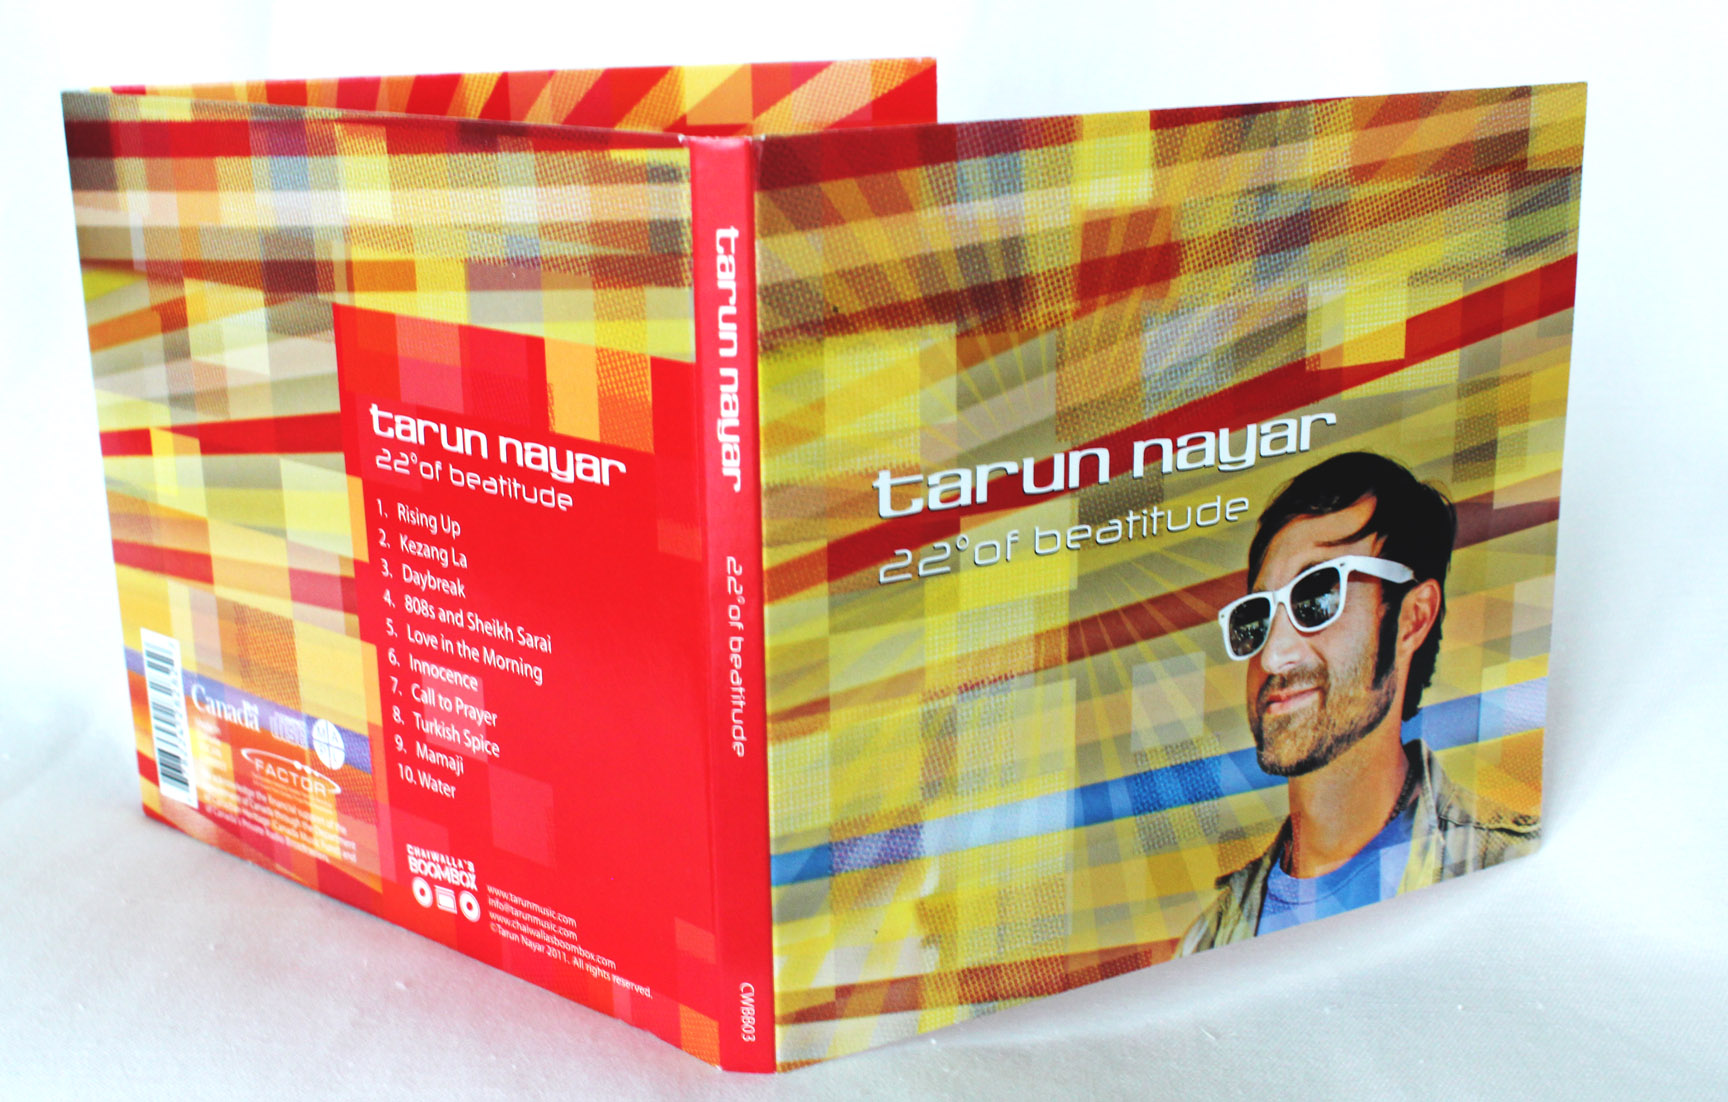 Tarun Nayar: 22° of Beatitude, 2010 album release